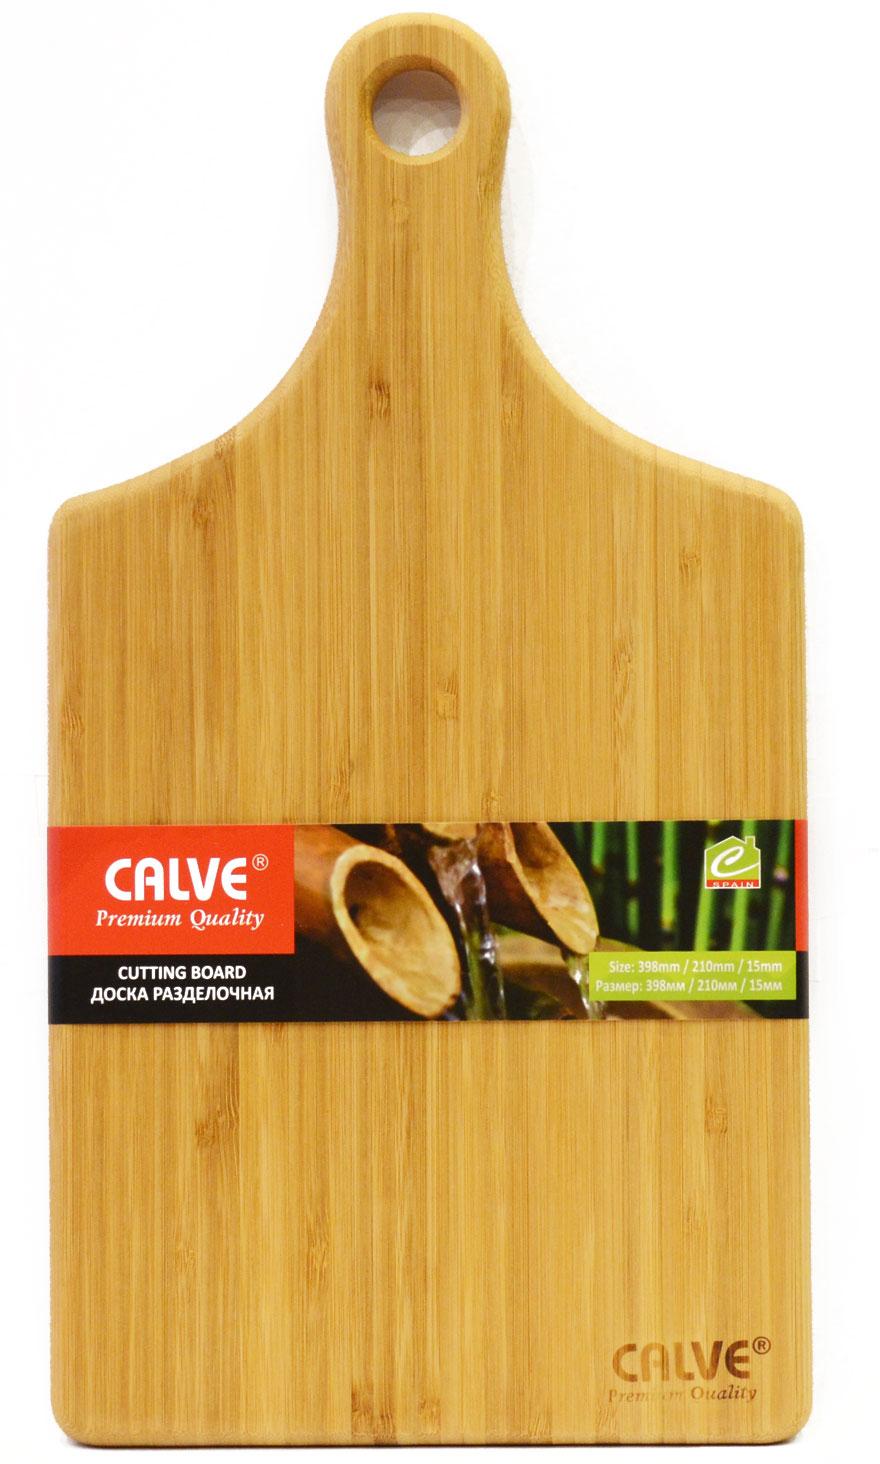 Доска разделочная Calve, деревянная, 39,8 х 21 х 1,5 см яйцерезка calve